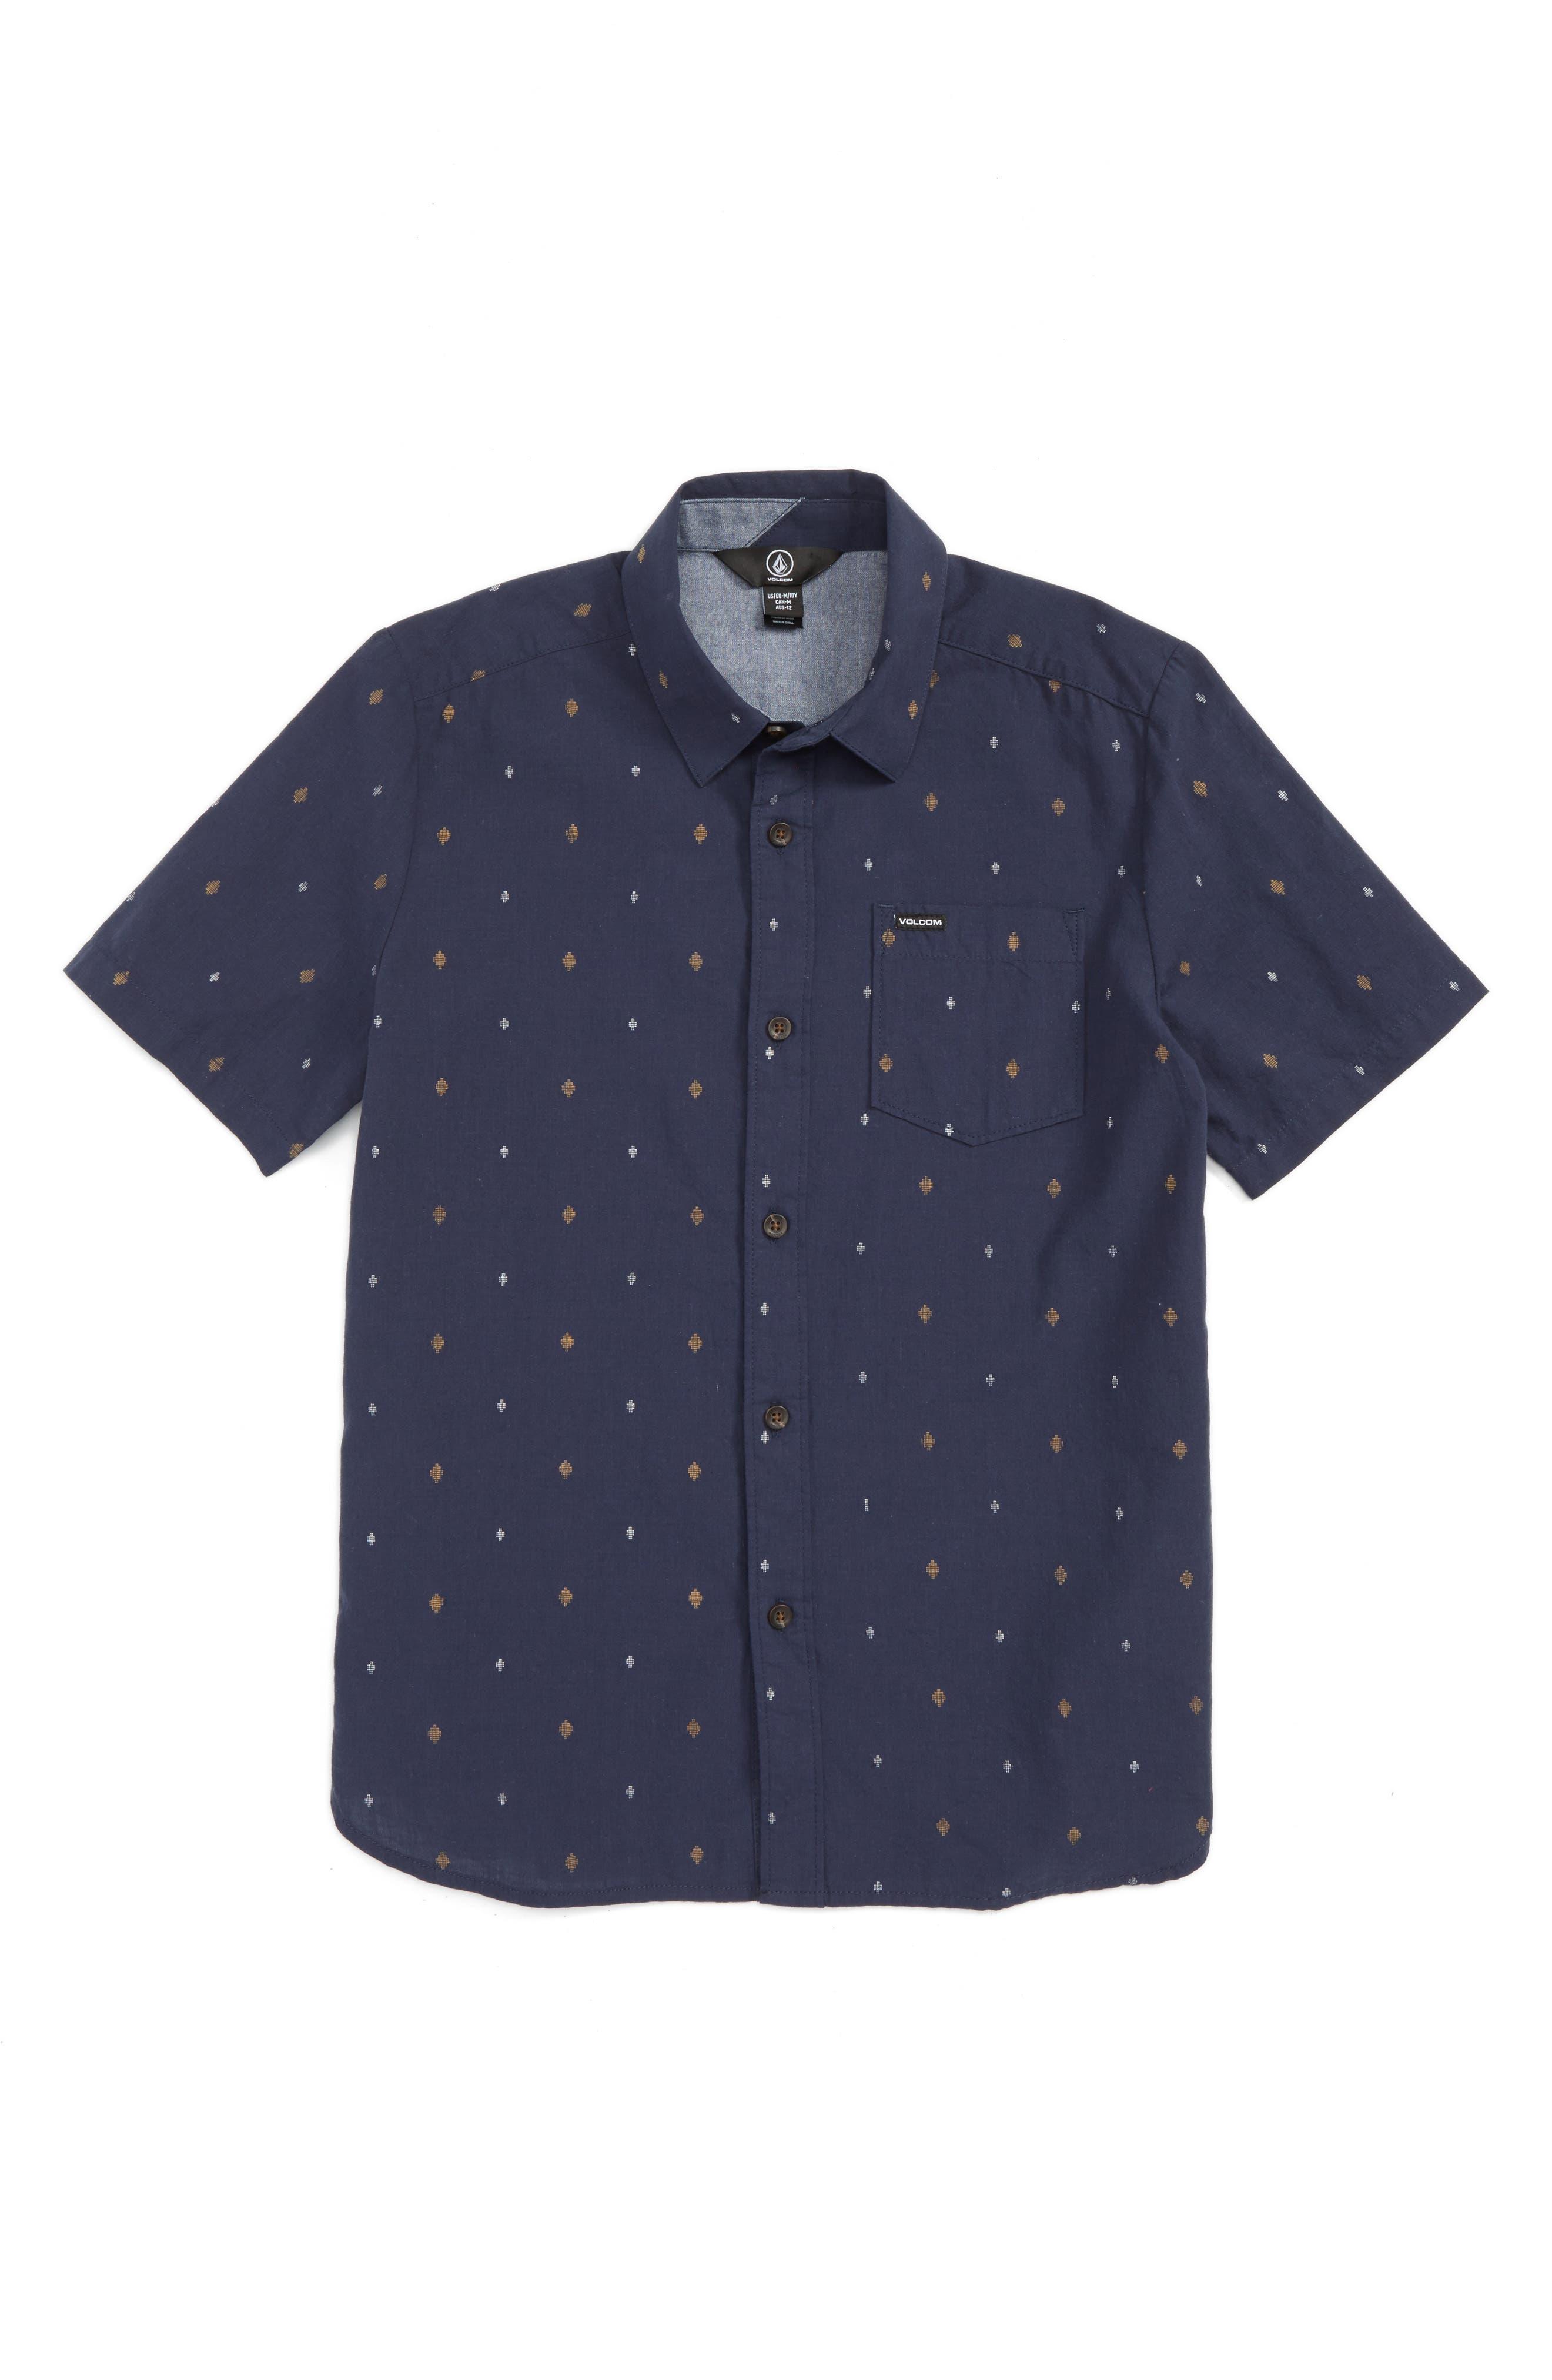 Interlude Print Woven Shirt,                         Main,                         color, Indigo